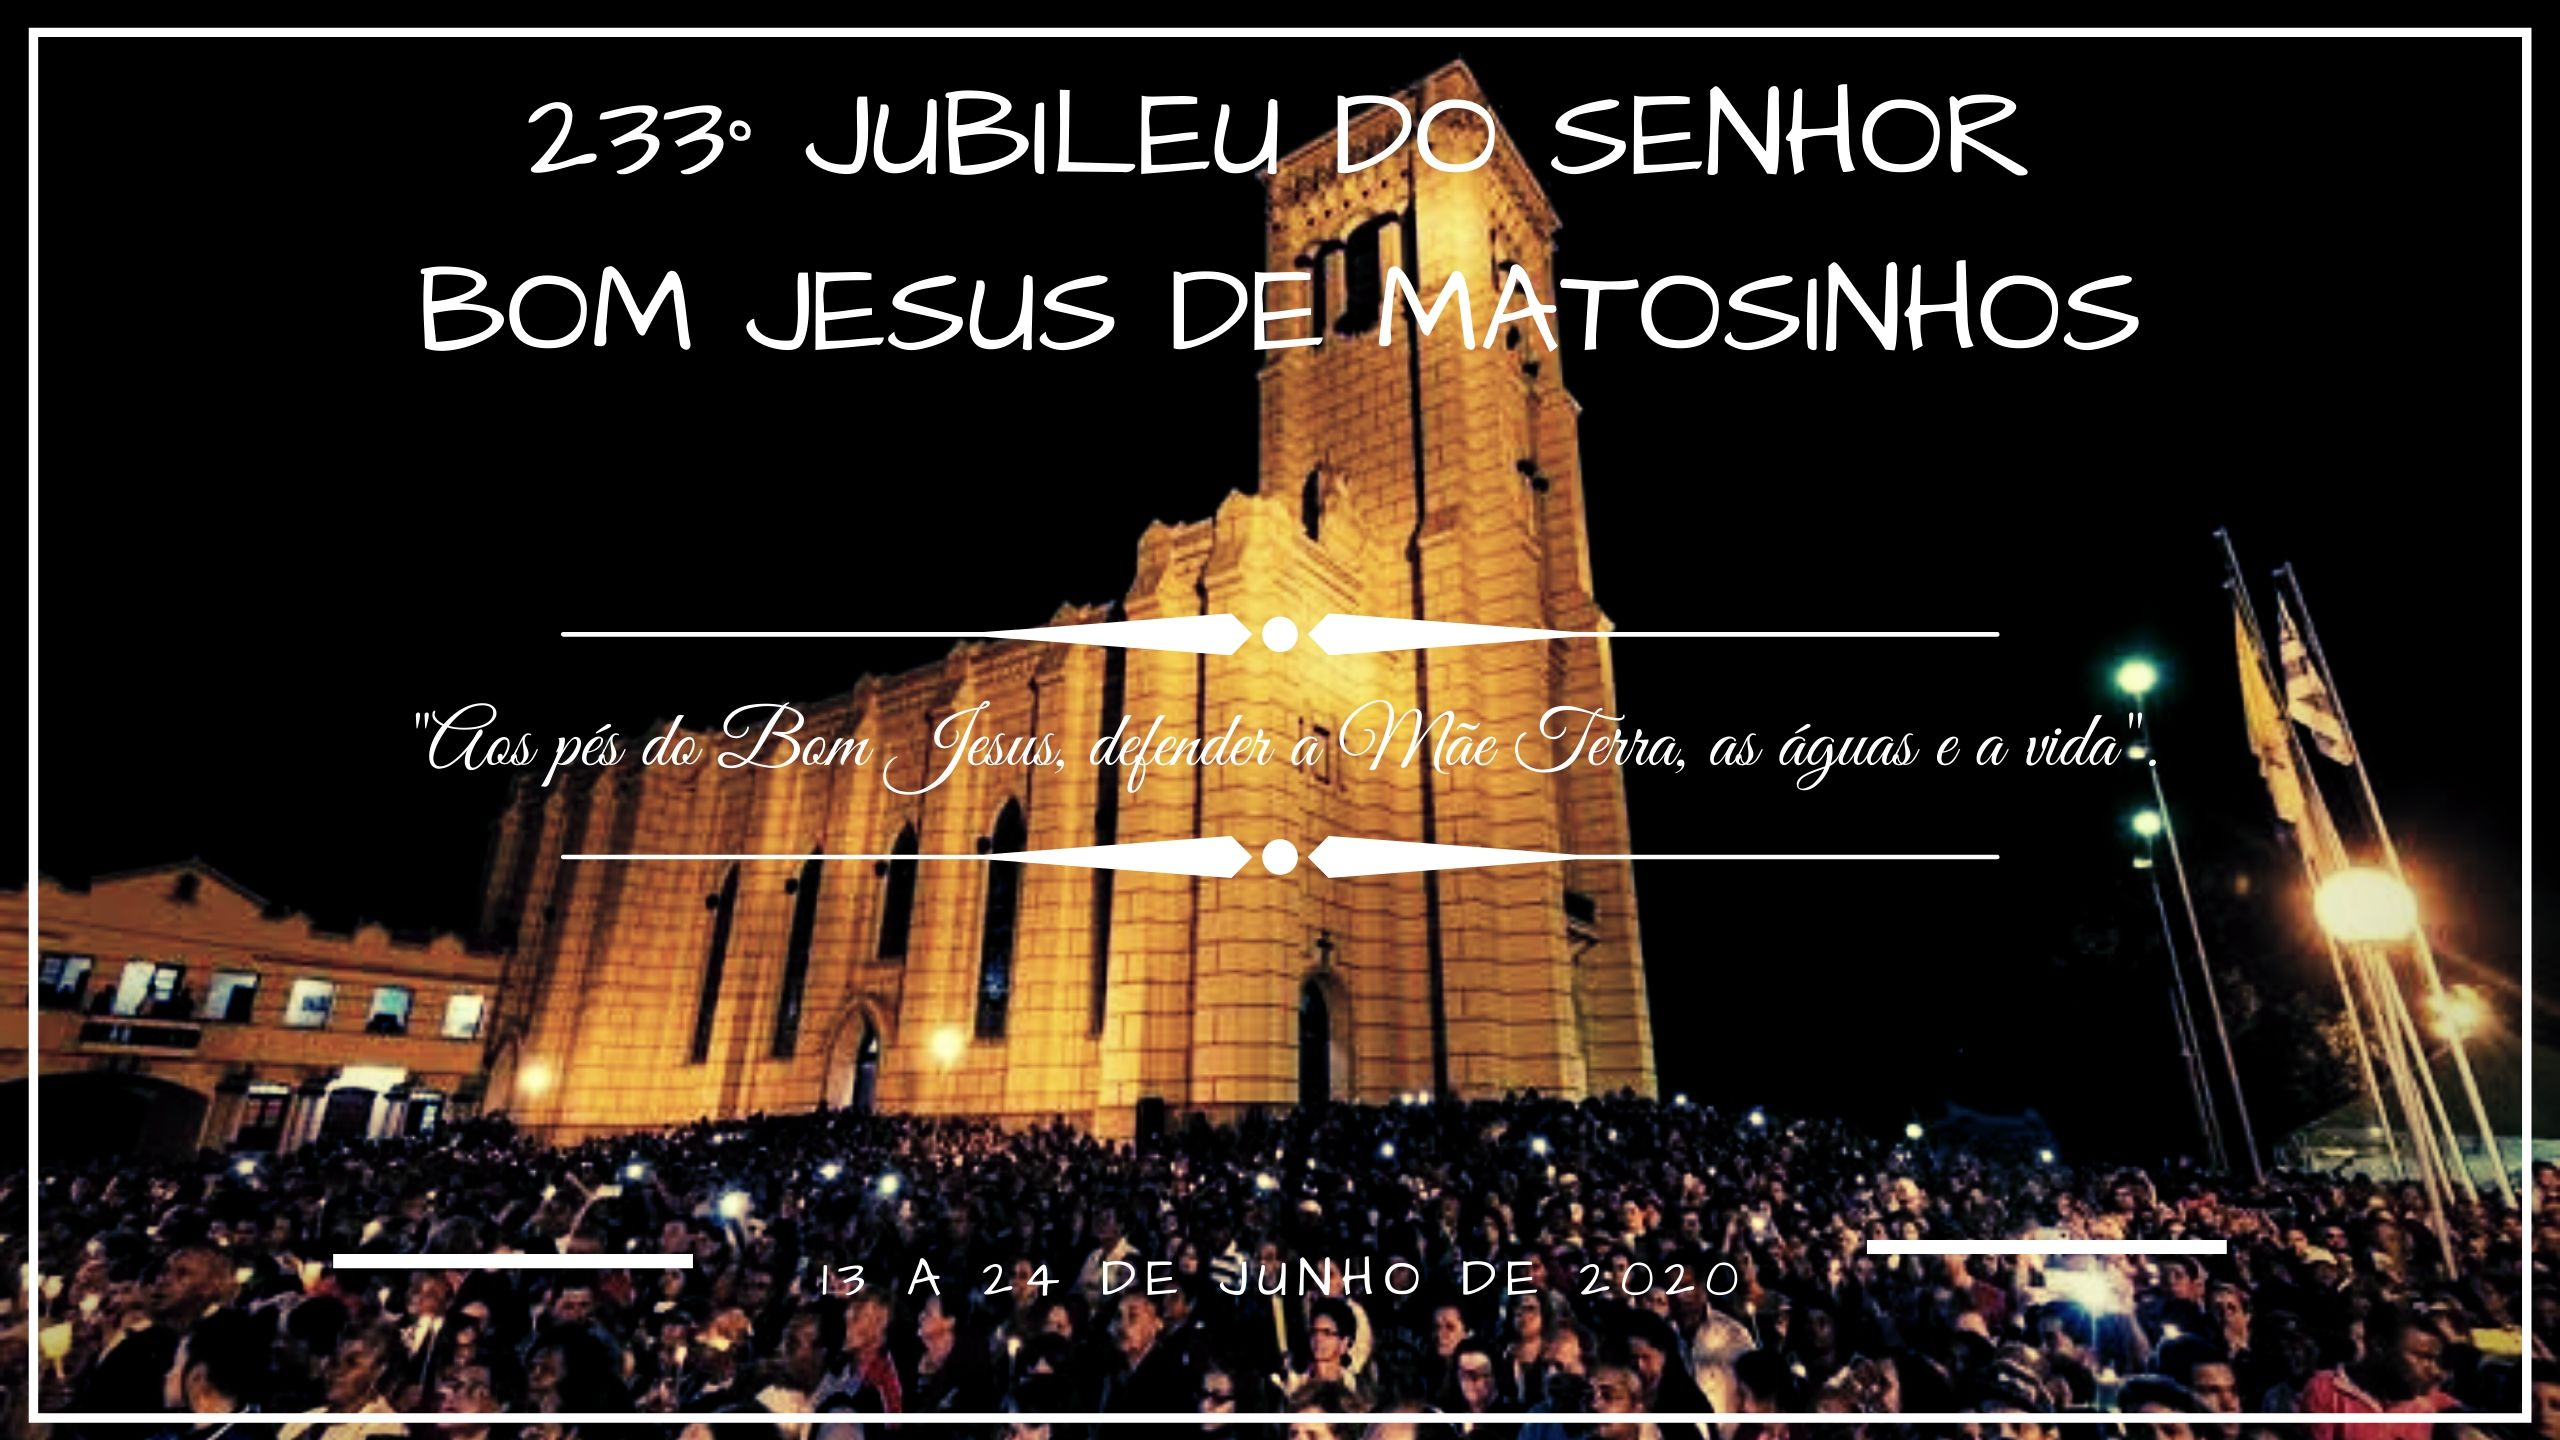 Programação do 233º Jubileu do Senhor Bom Jesus de Matosinhos